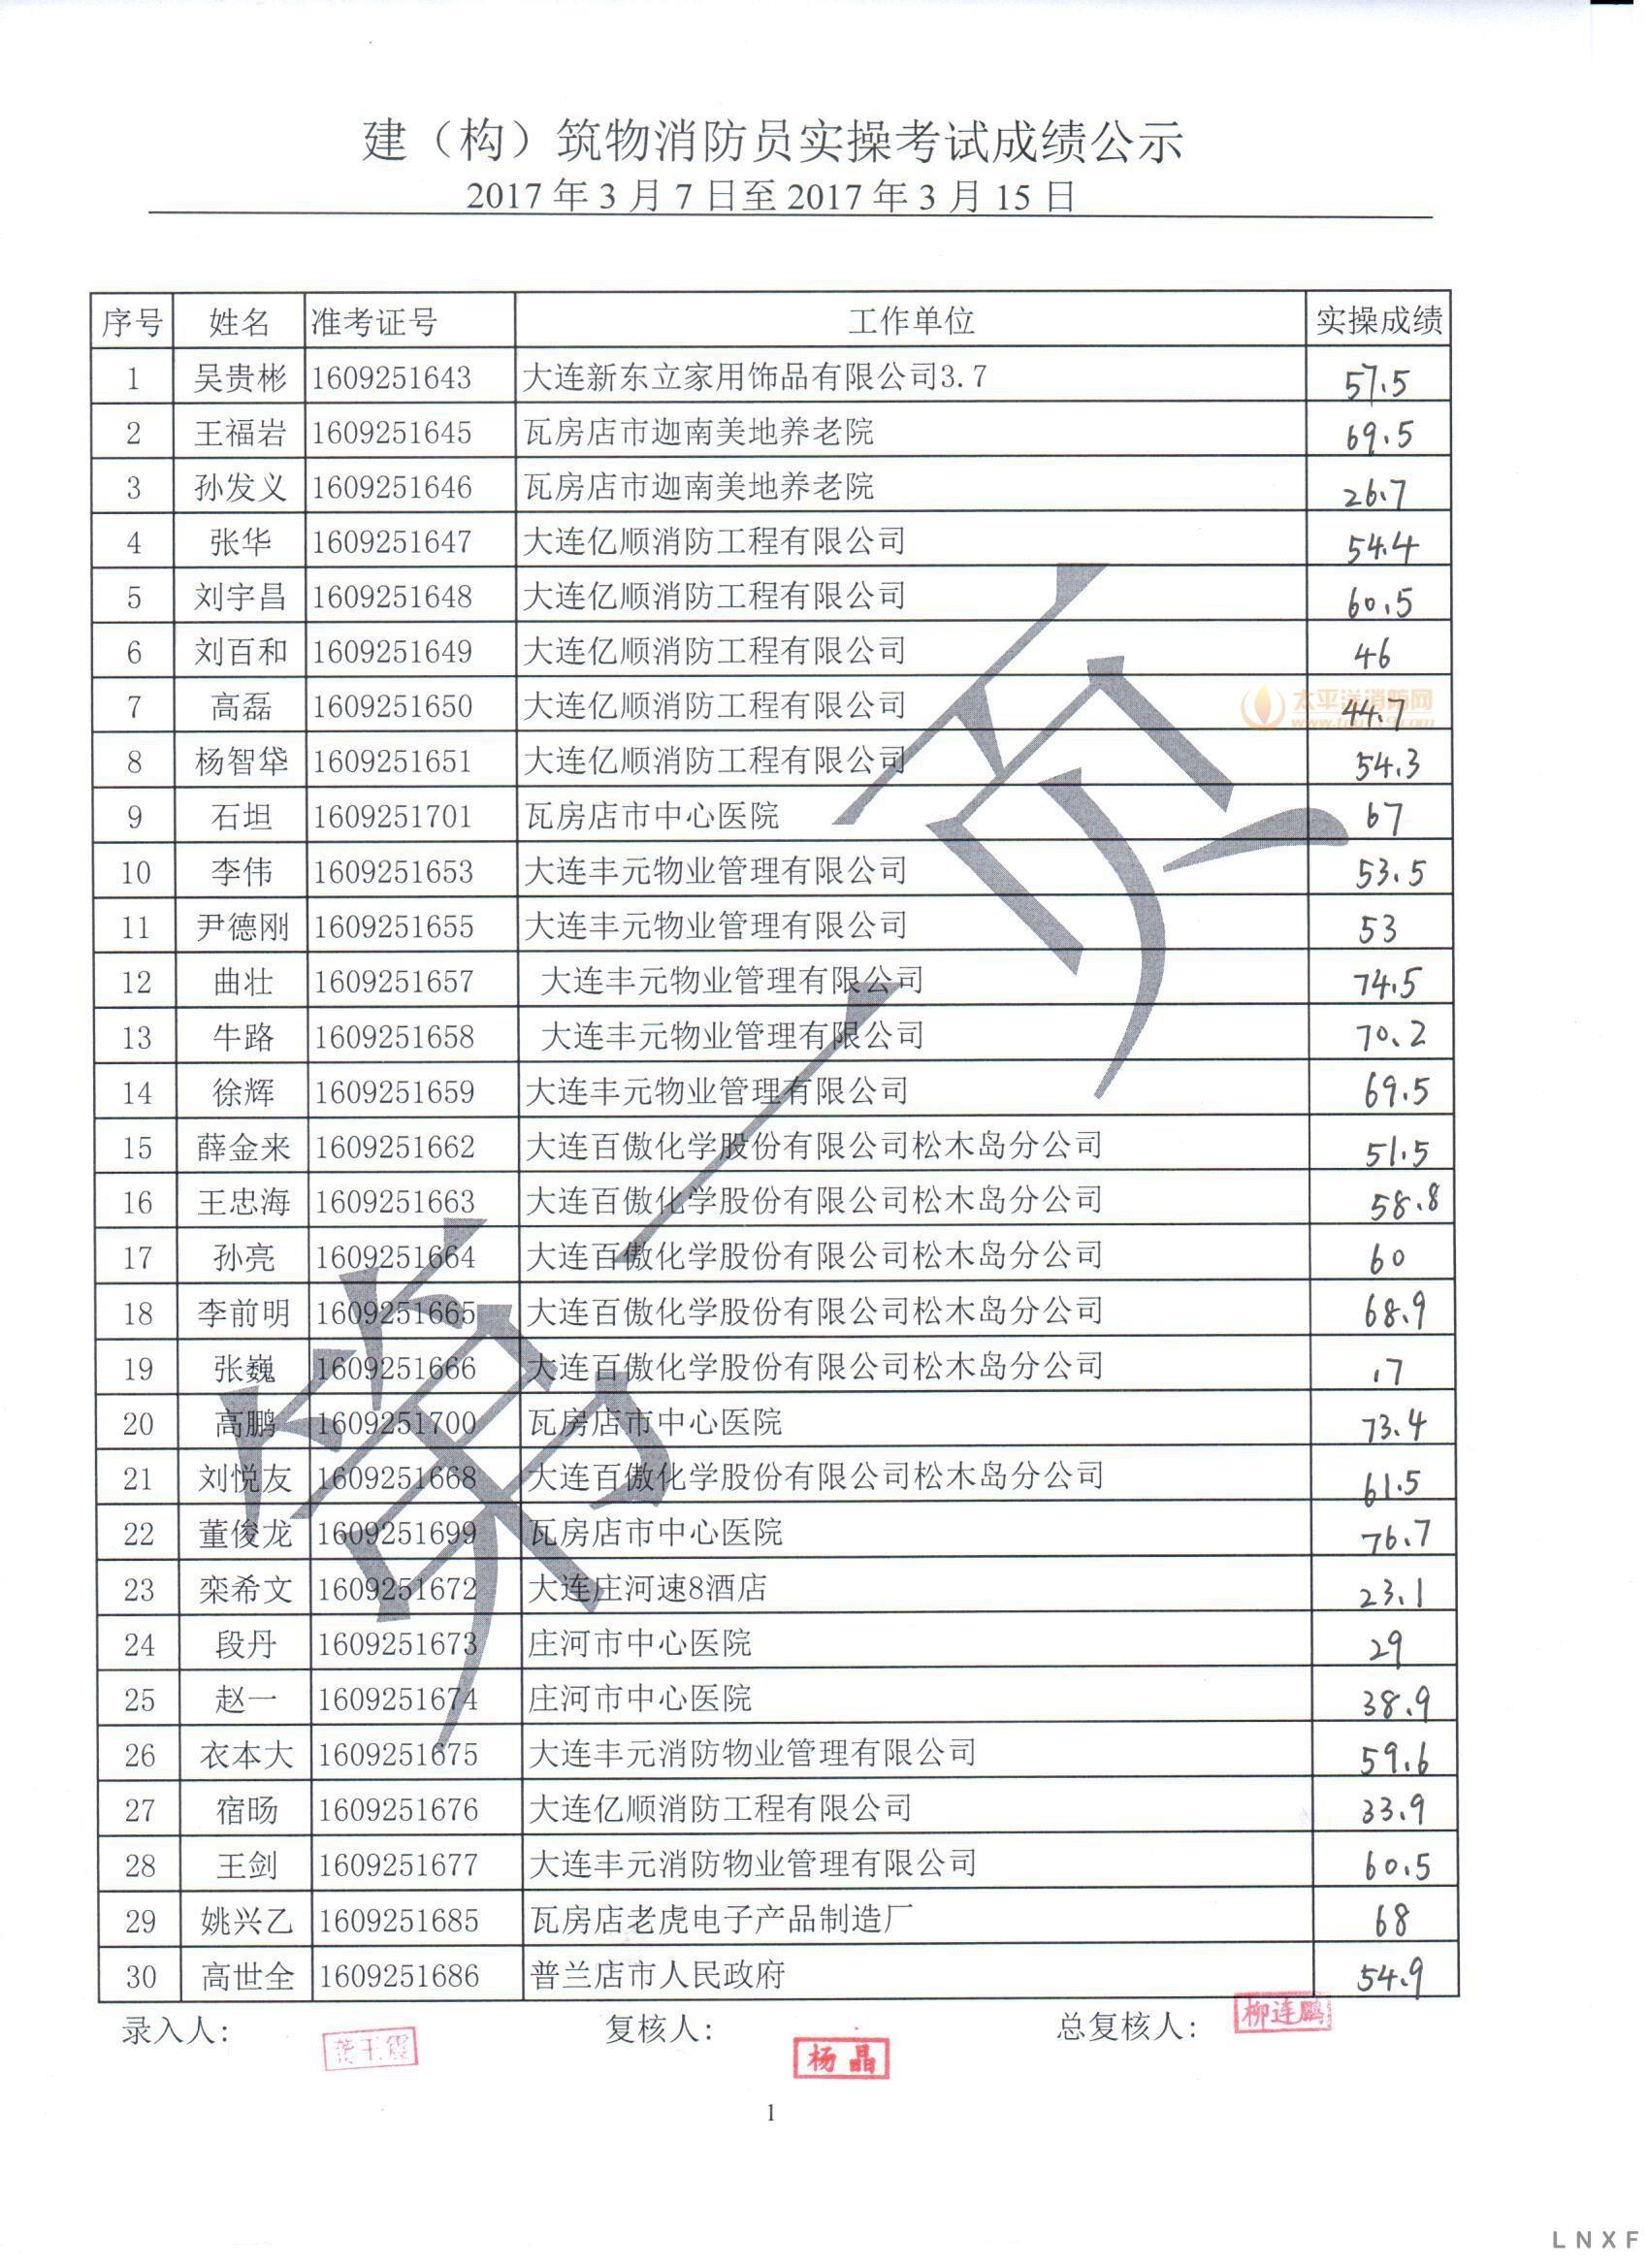 辽宁2017年(3.07-03.15) 建构筑物消防员实操考试成绩公示